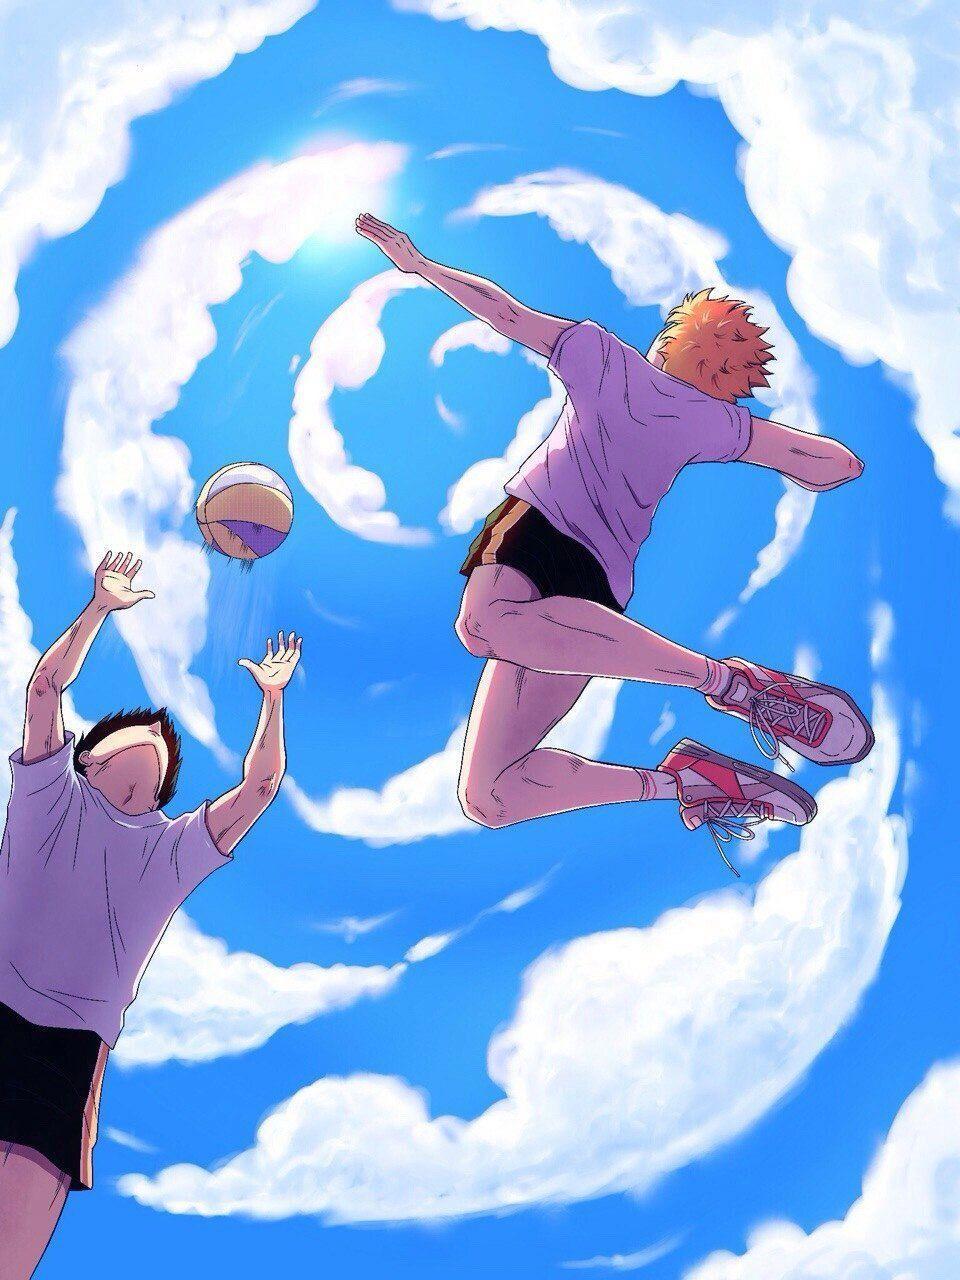 Las mejores versiones de Haikyuu! 🏐🏐🏐 - Haikyuu Sky! 🌅🌅🌅